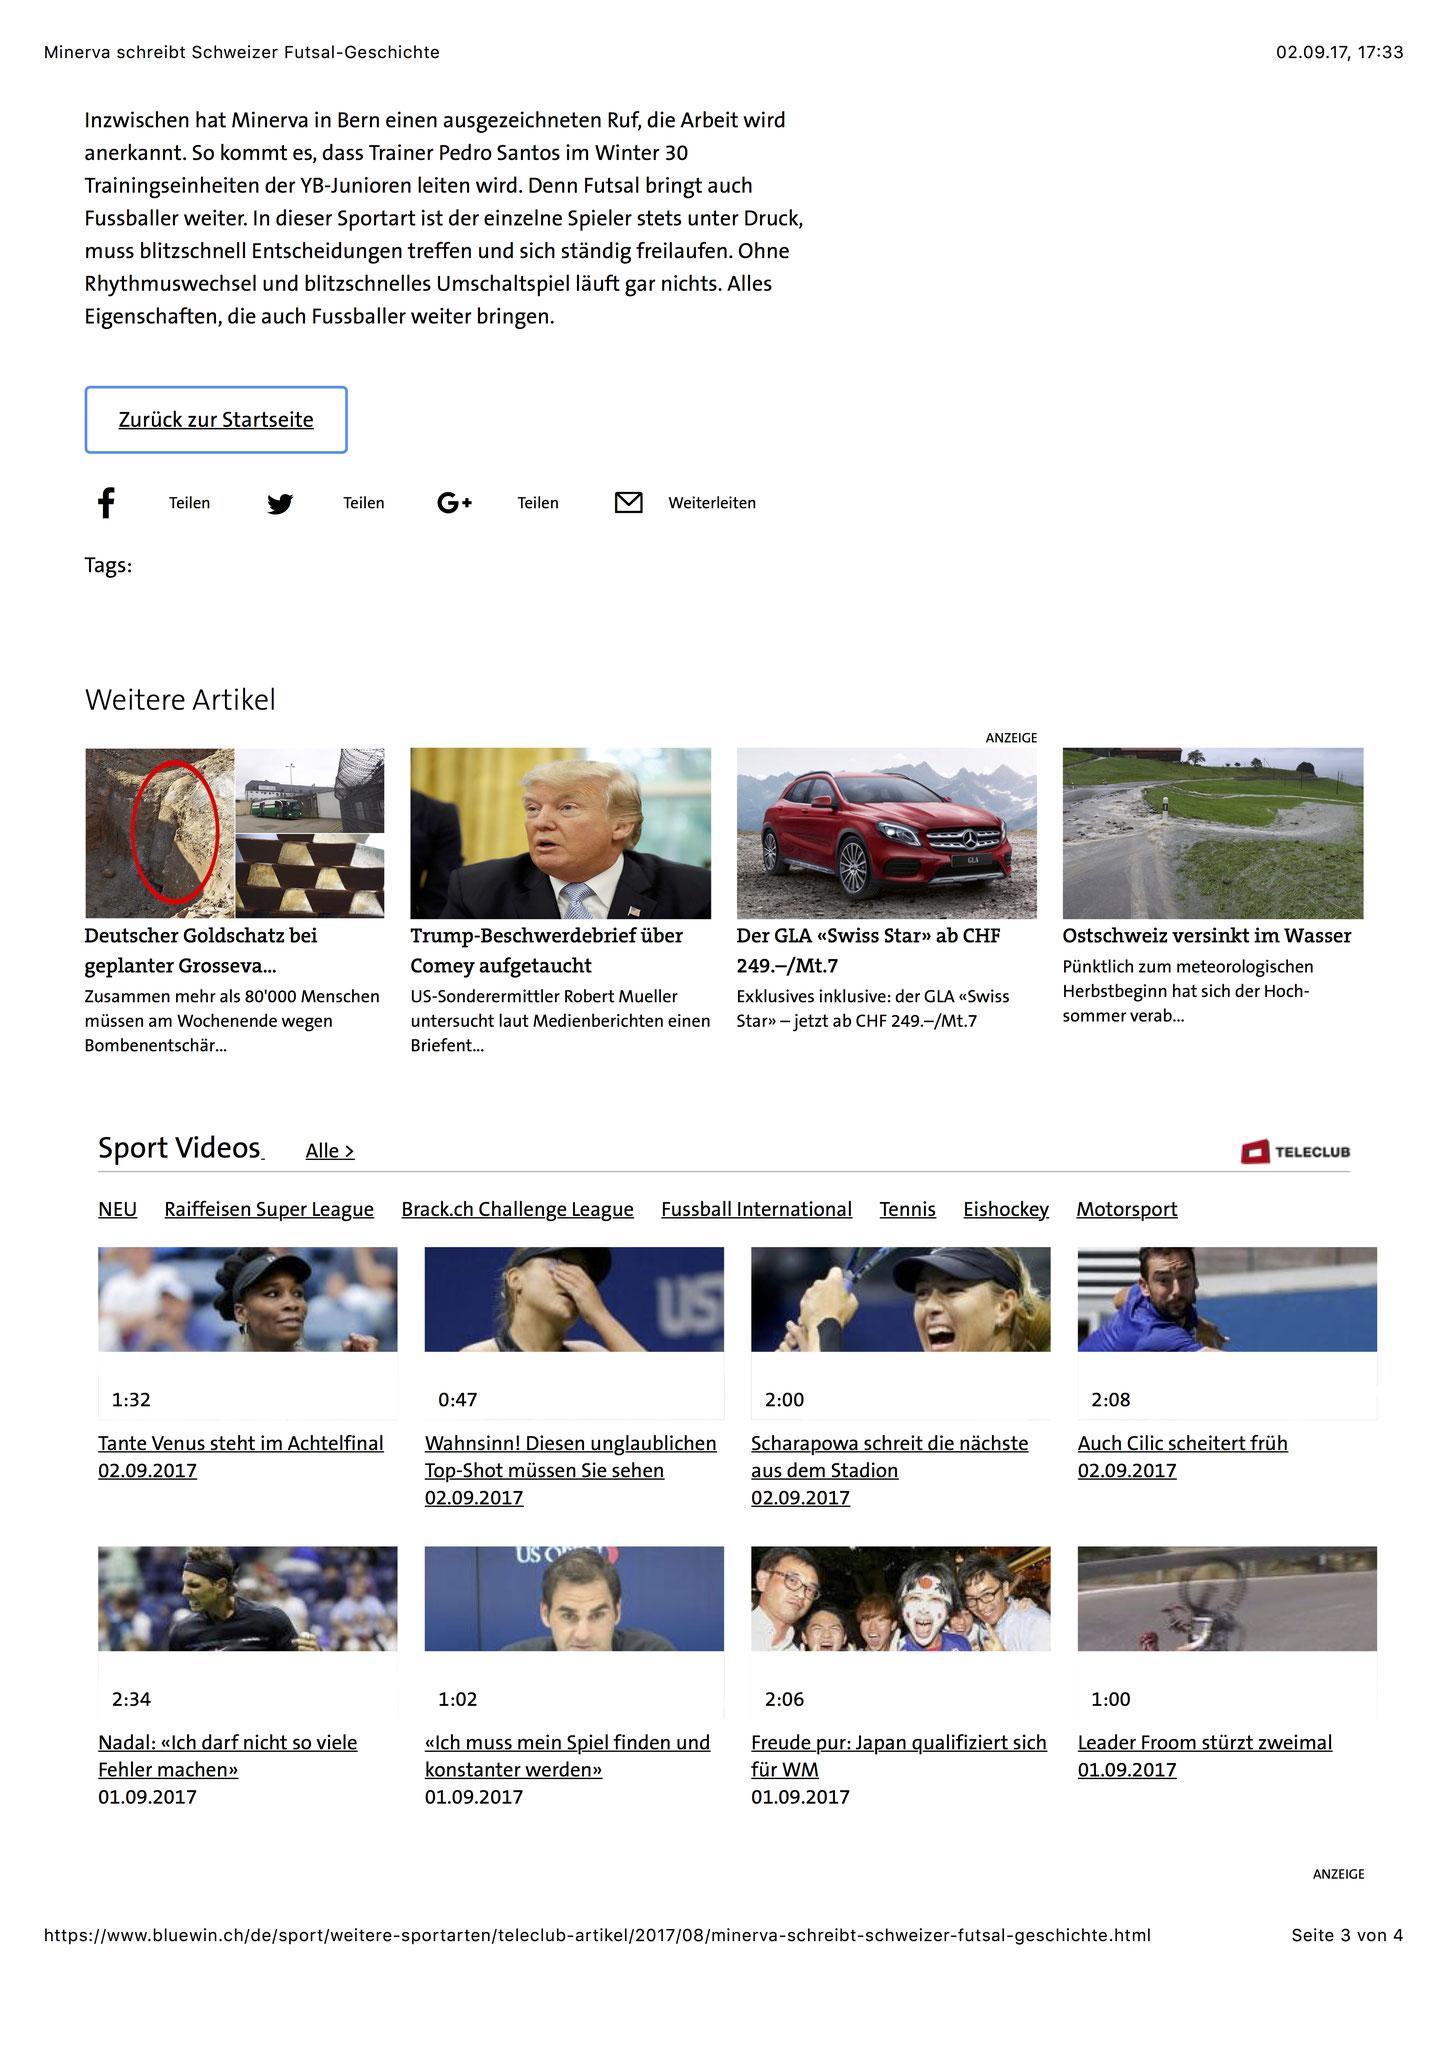 Bluewin Sport - 28. August 2017 - S. 3